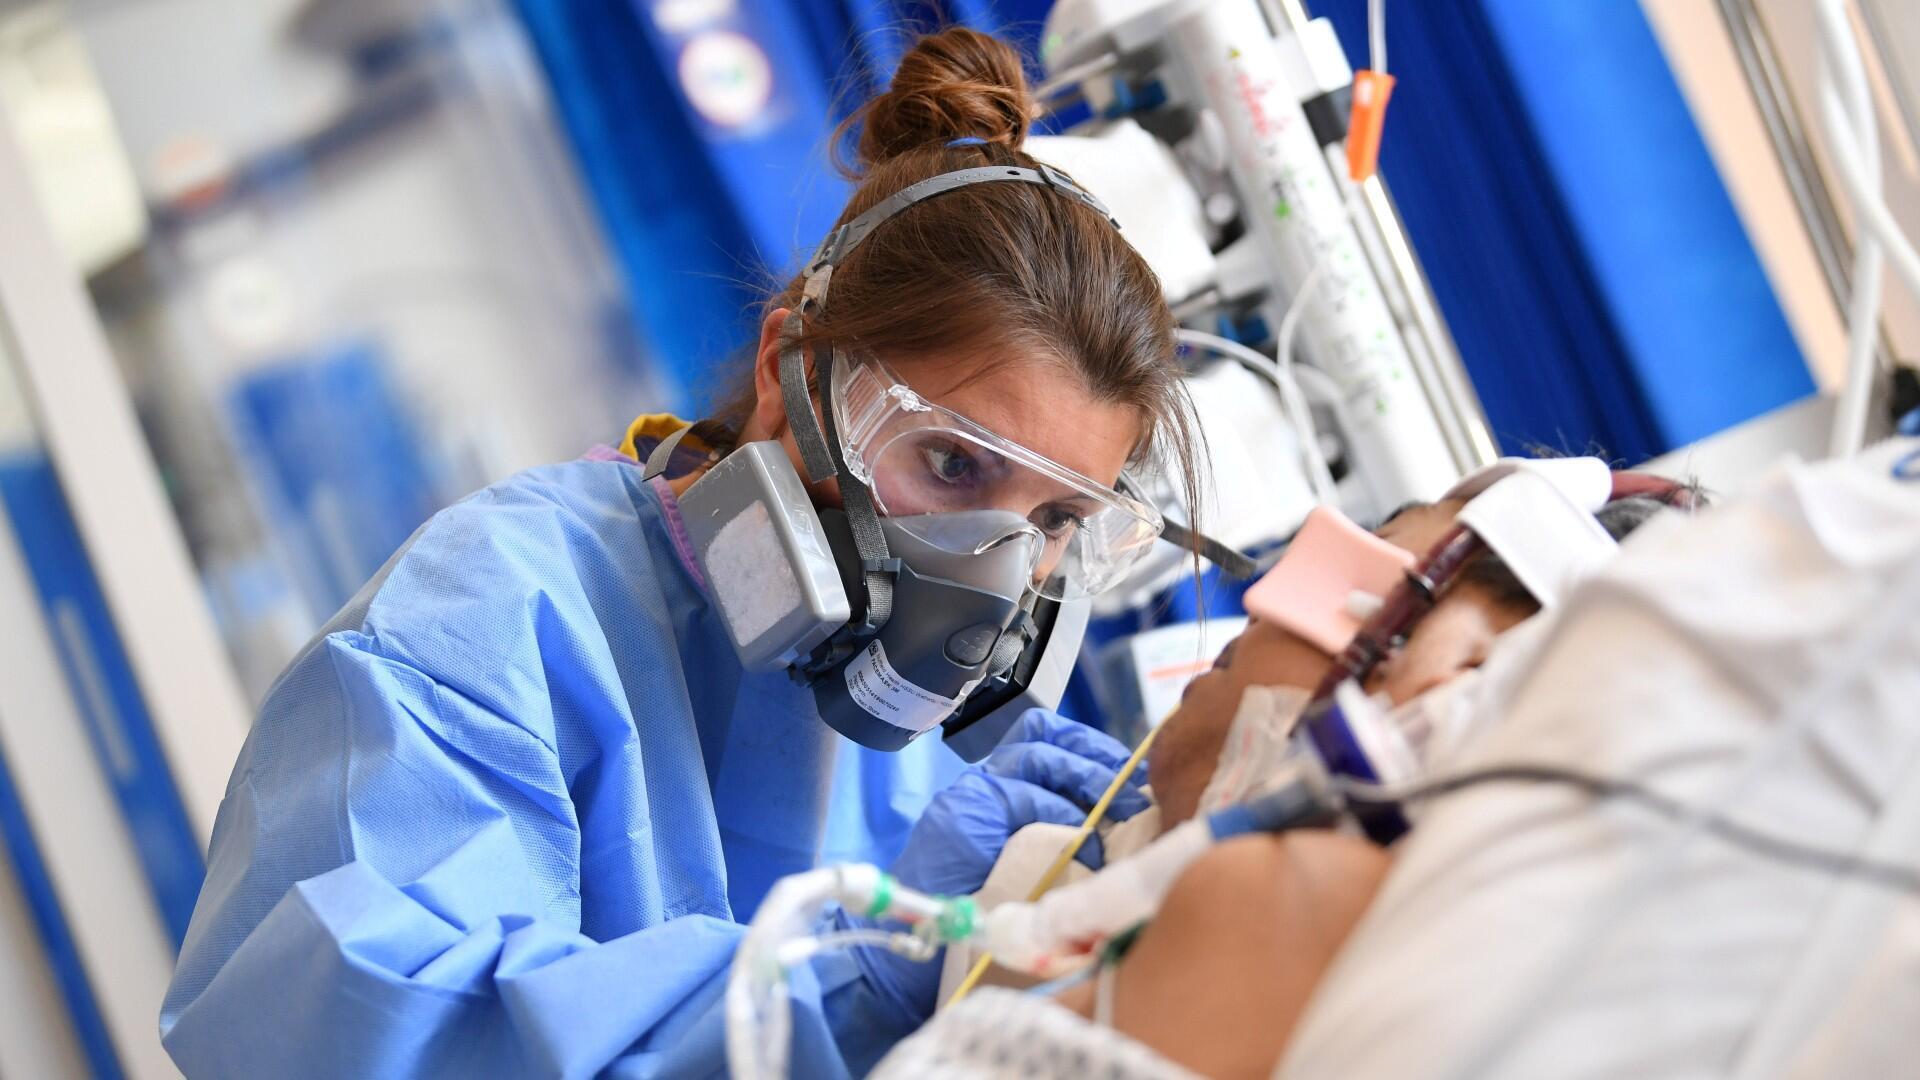 Imagen de archivo. Personal clínico usa equipo de protección (EPP) mientras se ocupa de un paciente en la unidad de cuidados intensivos del Hospital Royal Papworth en Cambridge, Reino Unido, el 5 de mayo de 2020.